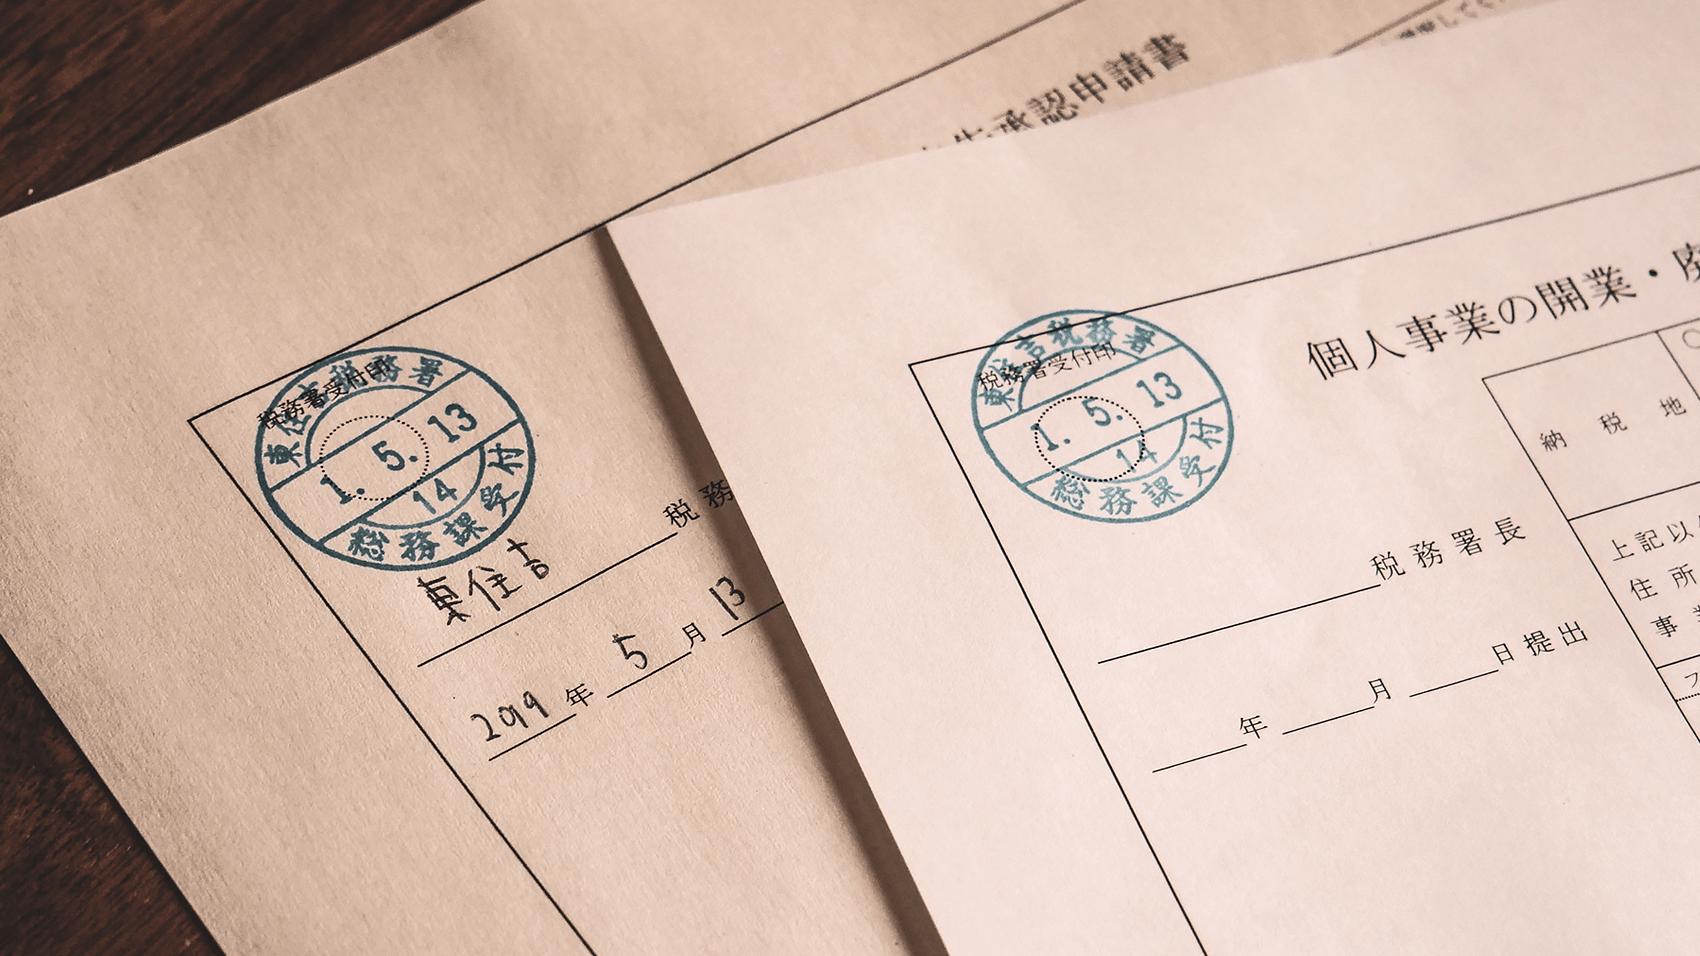 ついに税務署にて個人事業の開業届と青色申告承認申請書を提出しました